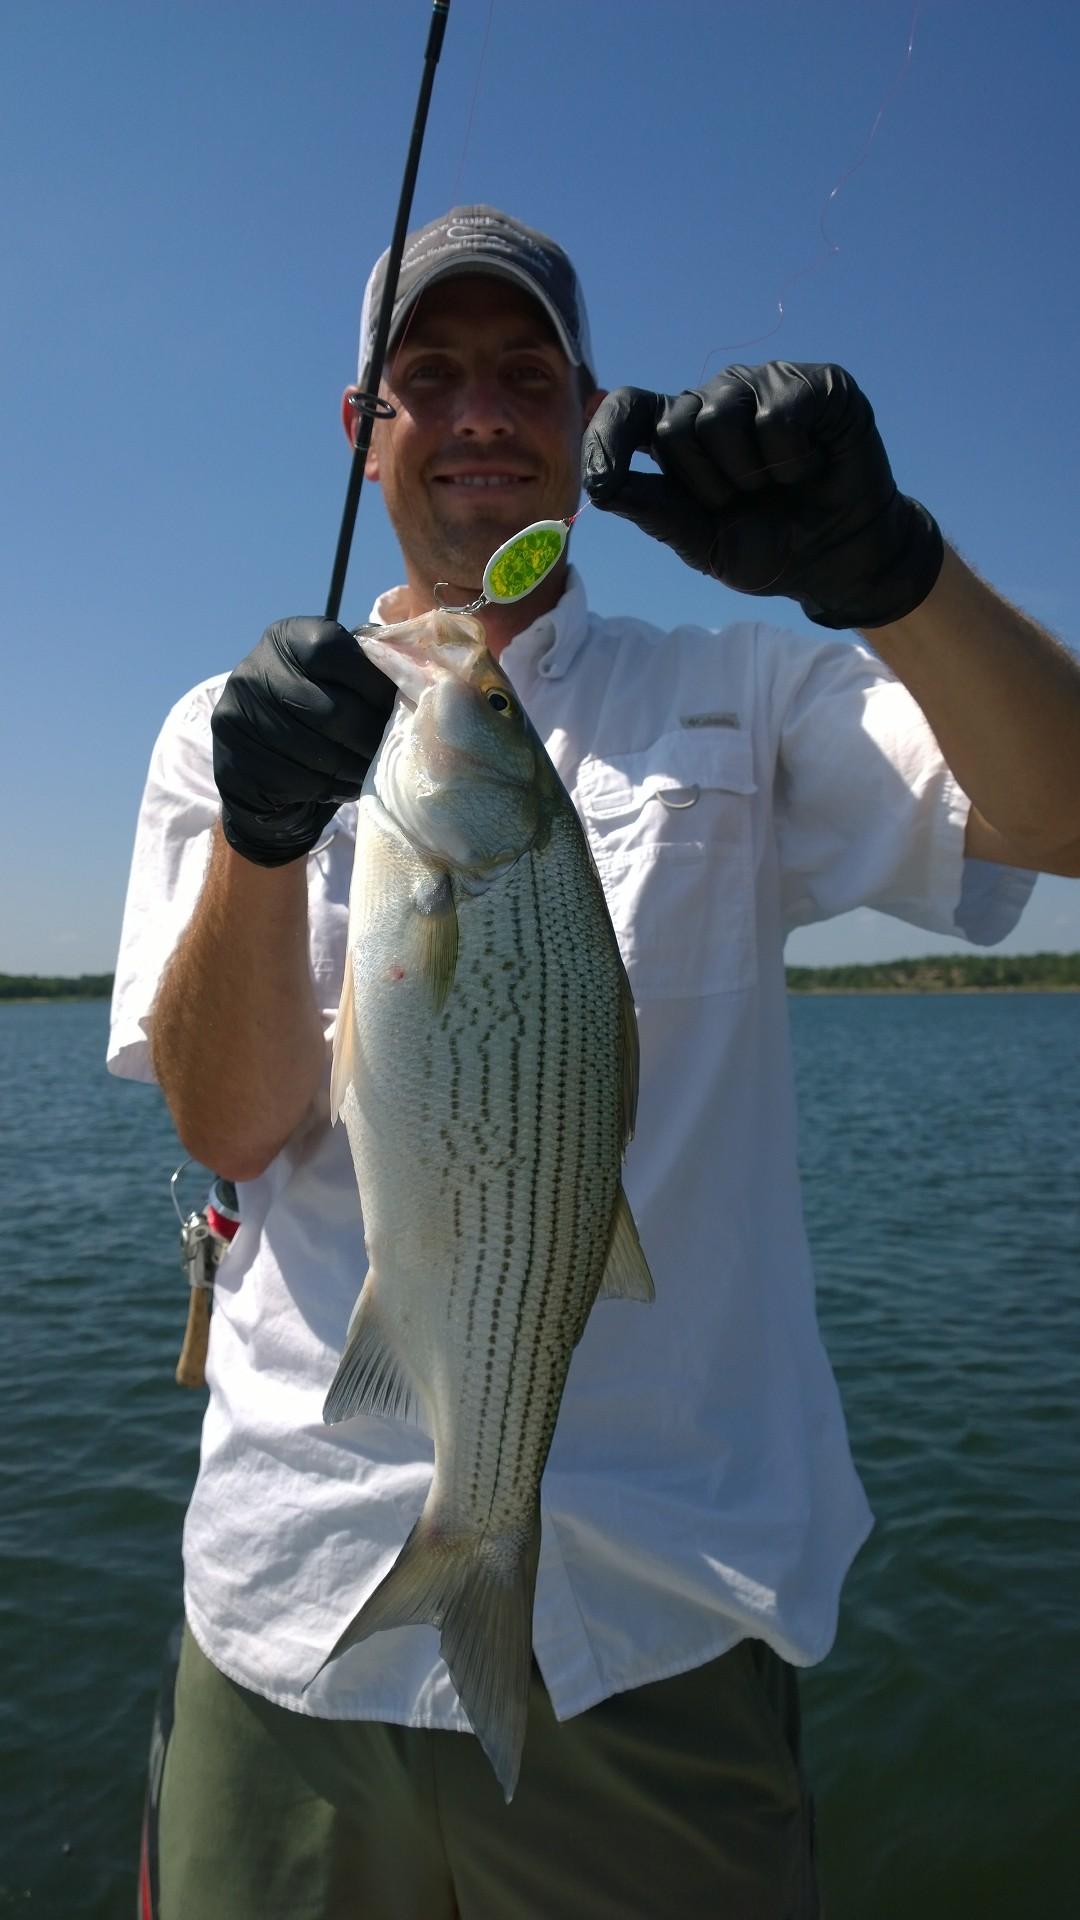 Skiatook lake scouting time hybrid striper 6 11 15 for Skiatook lake fishing report